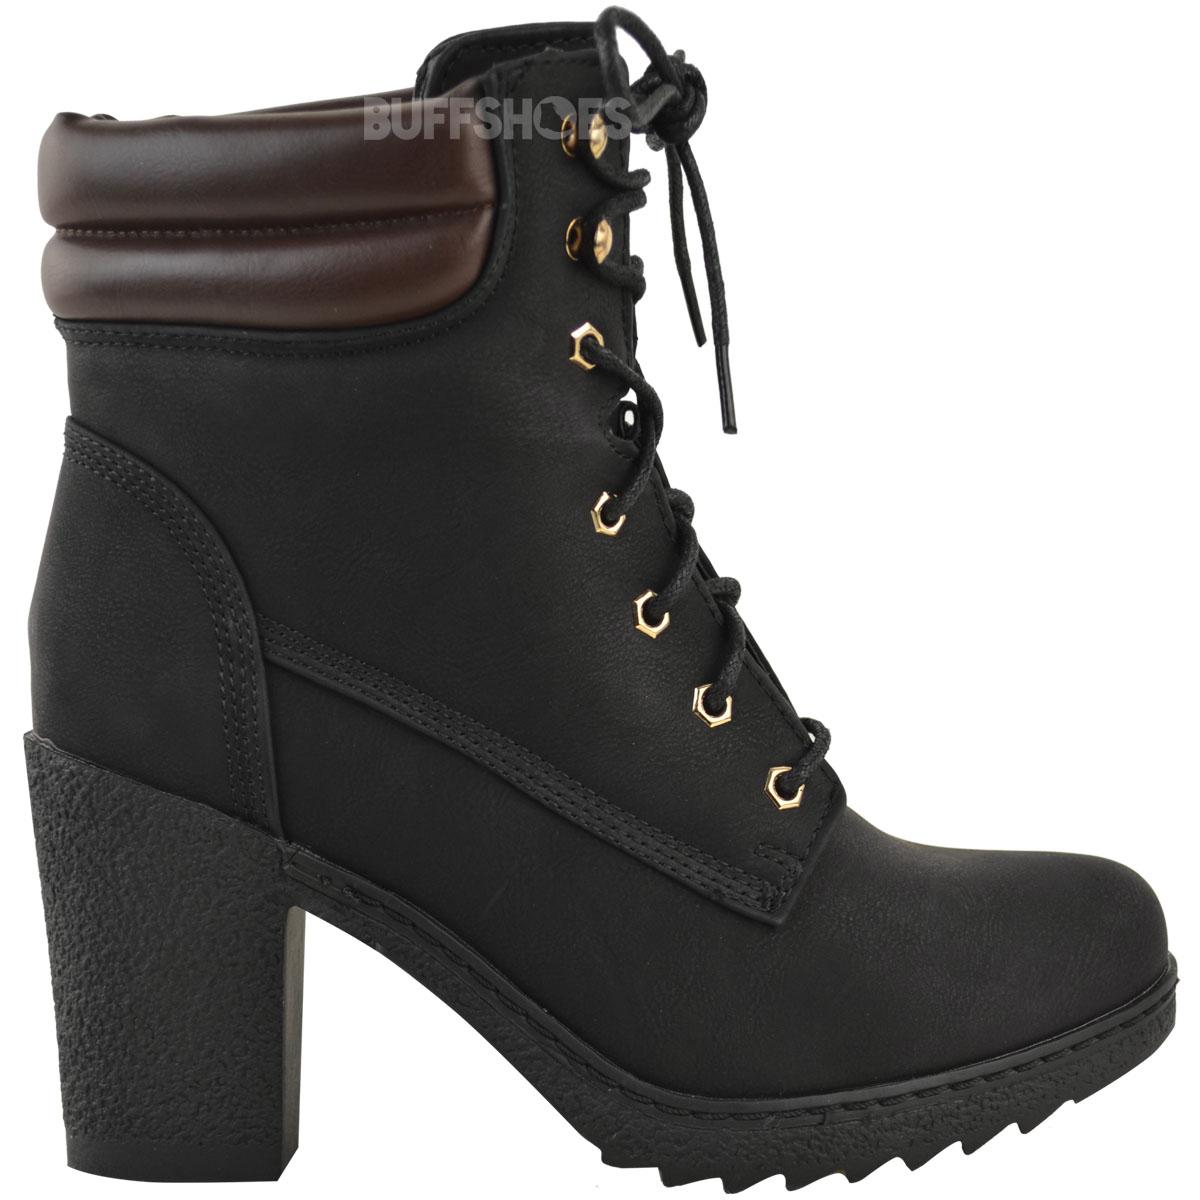 Womens-Ladies-Winter-Walking-Boots-Fleece-Warm-Lining-Cosy-Low-Block-Heel-Size Indexbild 4